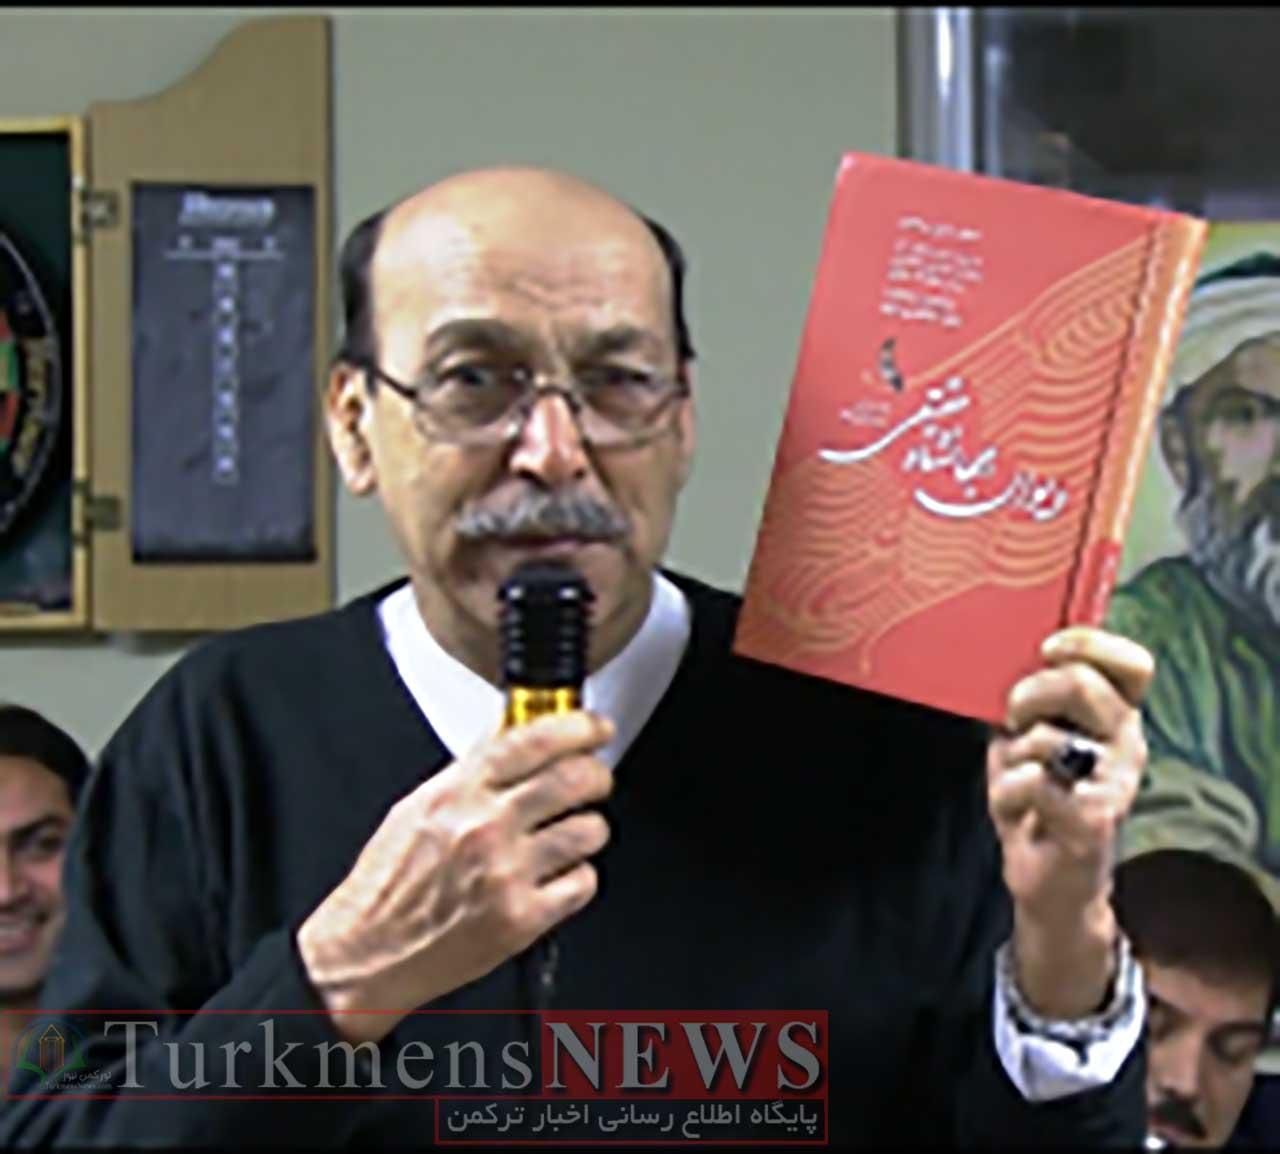 دکتر حانگلدی اونق نویسنده